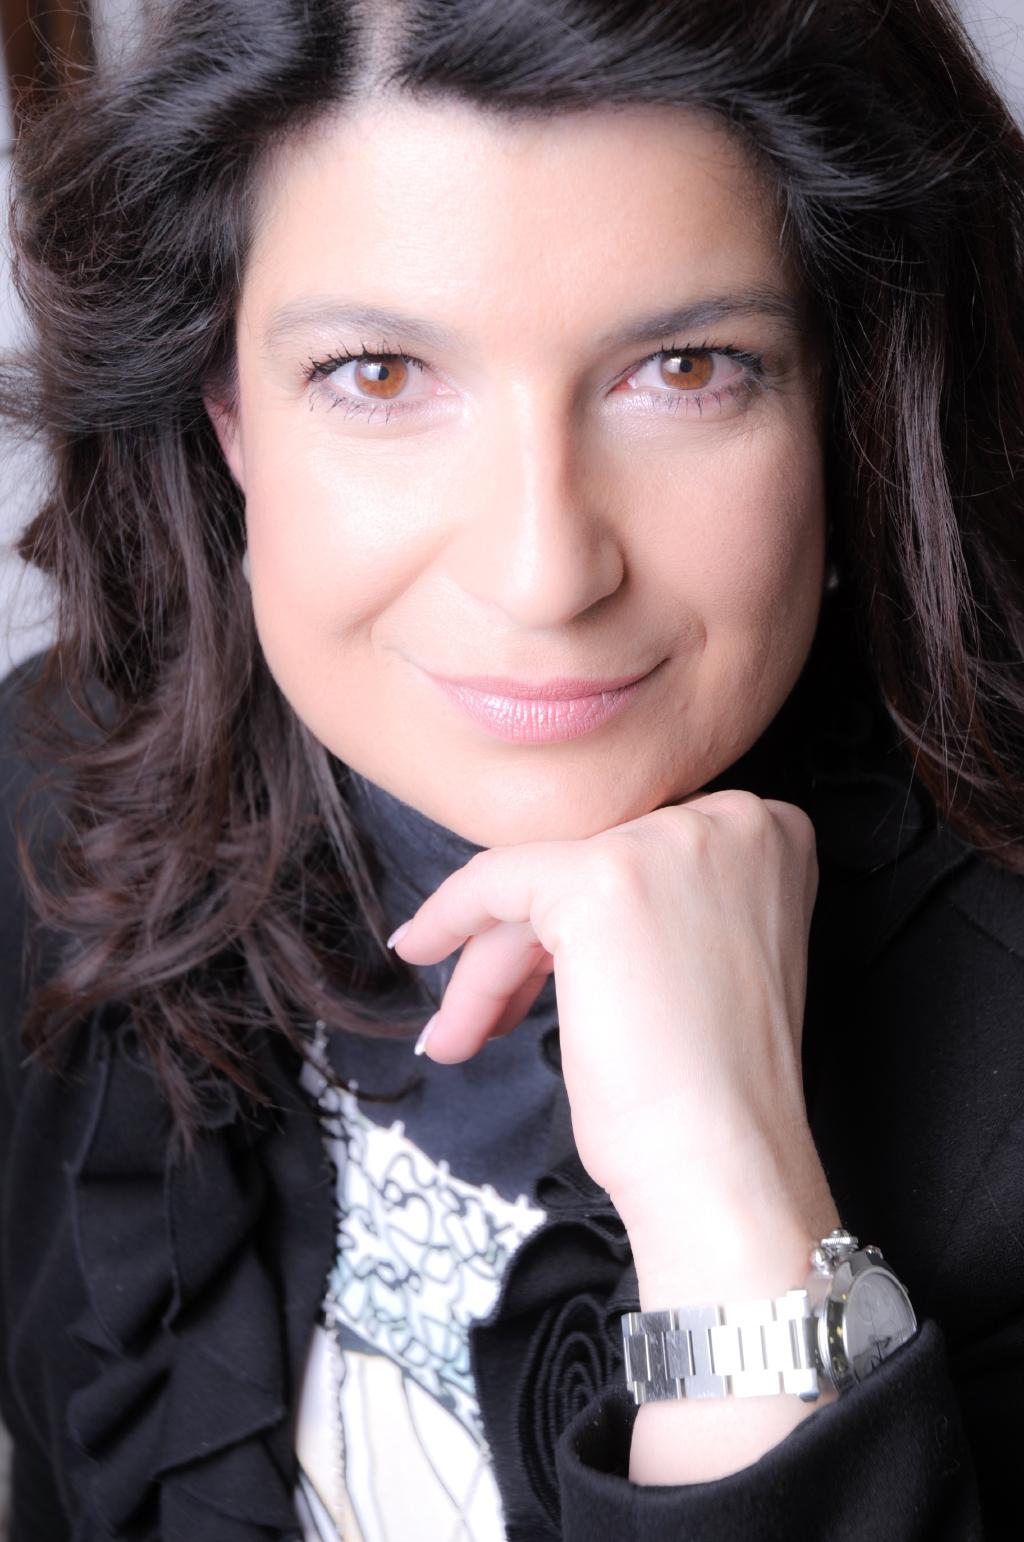 Marketa Karolina Sura - small